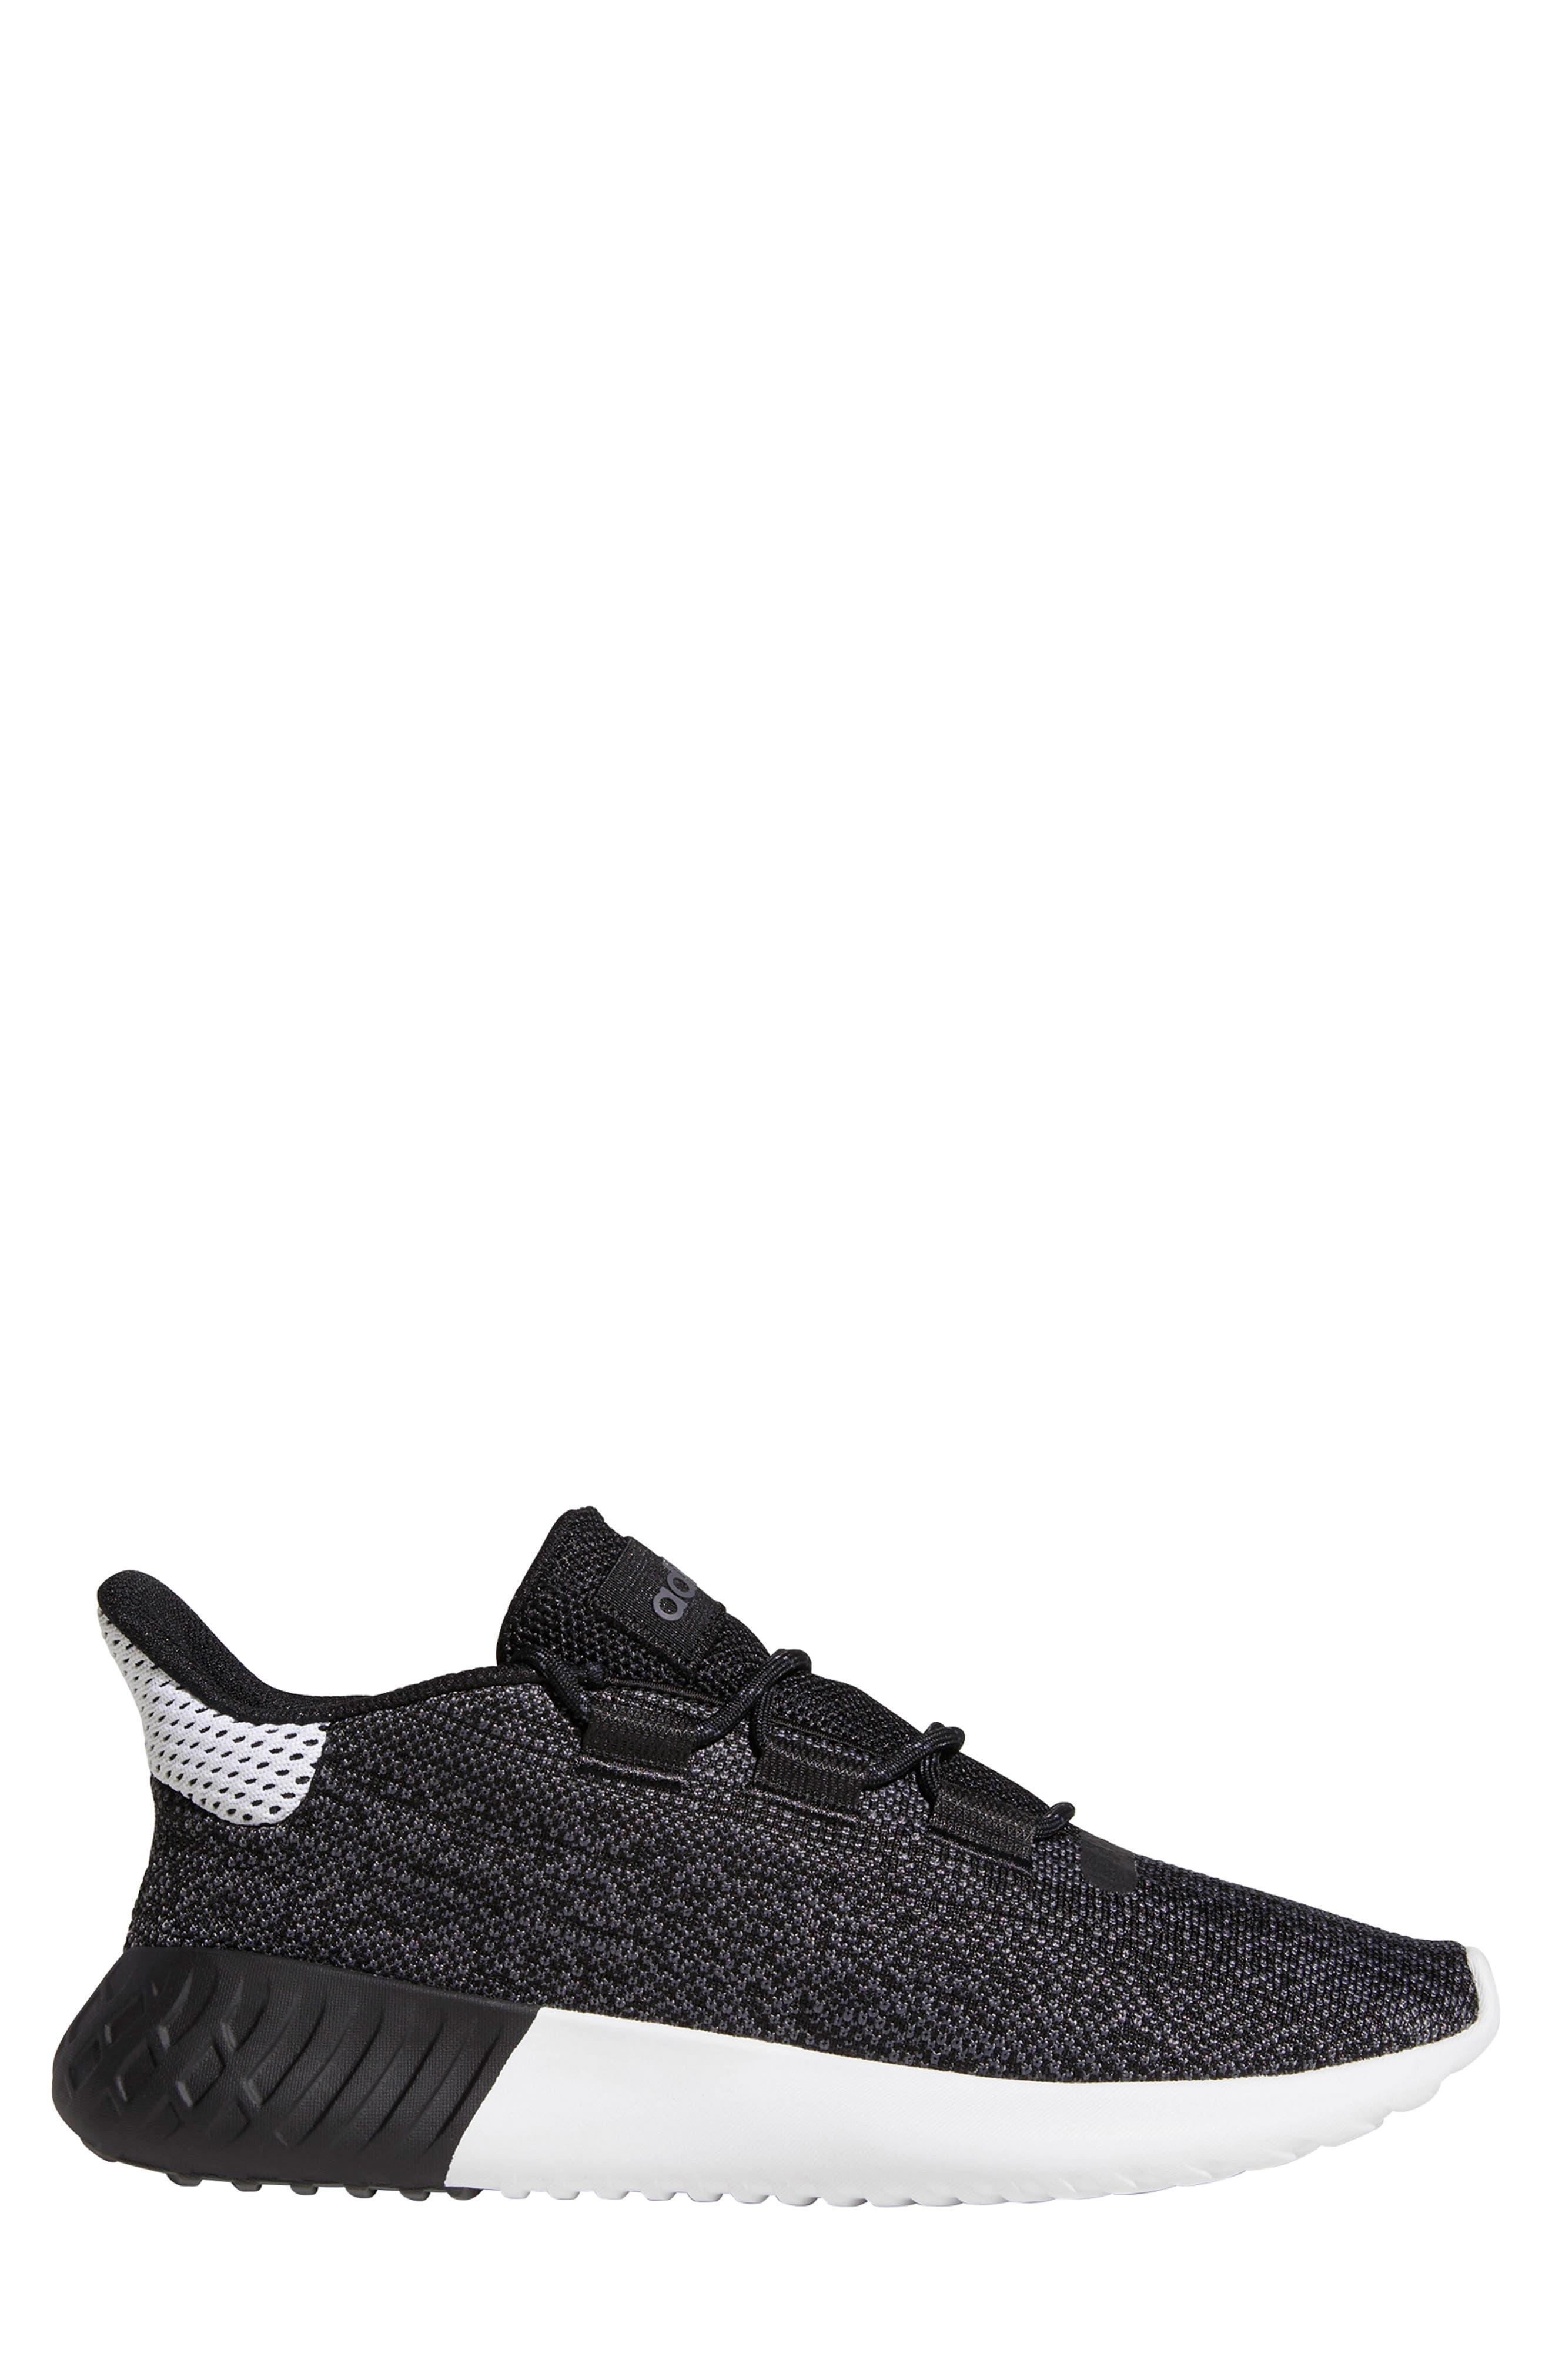 Tubular Dusk Primeknit Sneaker,                             Alternate thumbnail 3, color,                             WHITE/ BLACK/ GREY